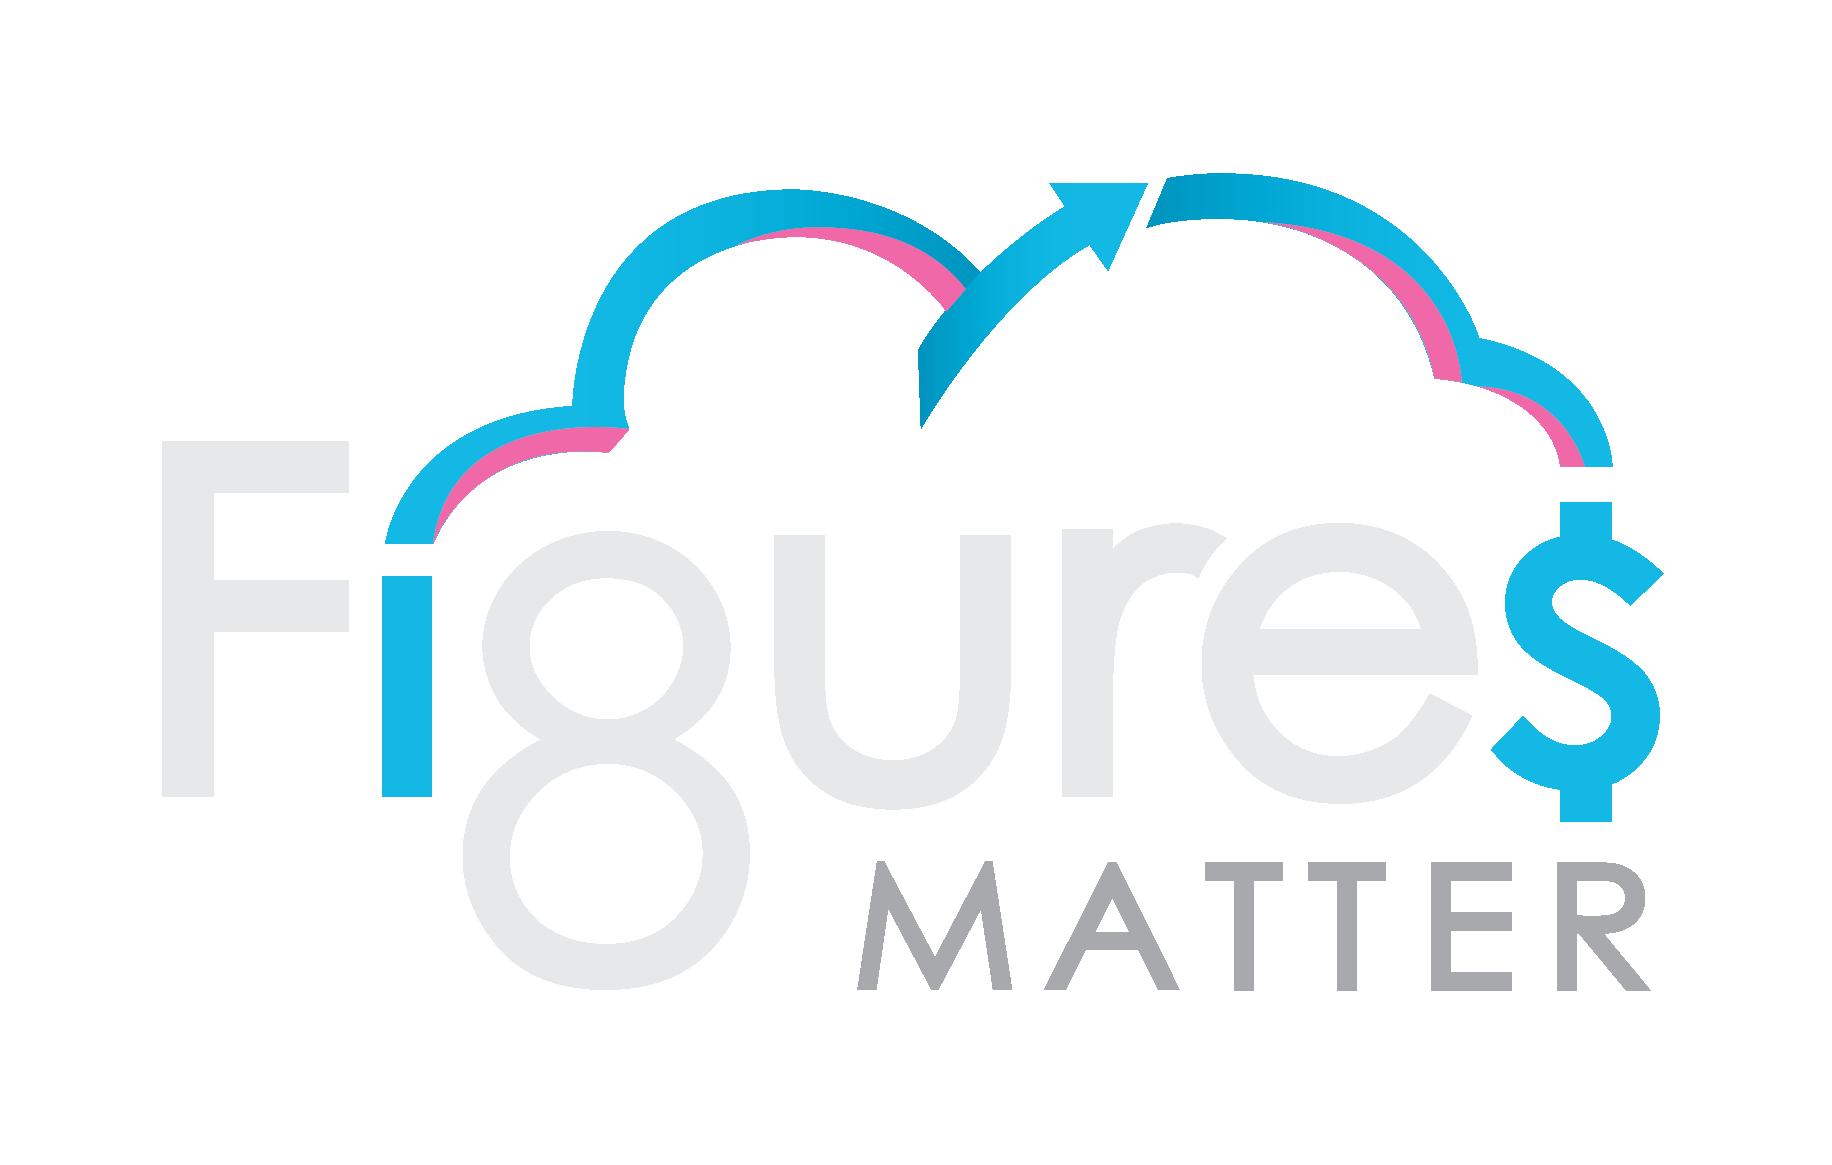 Figures Matter Logo